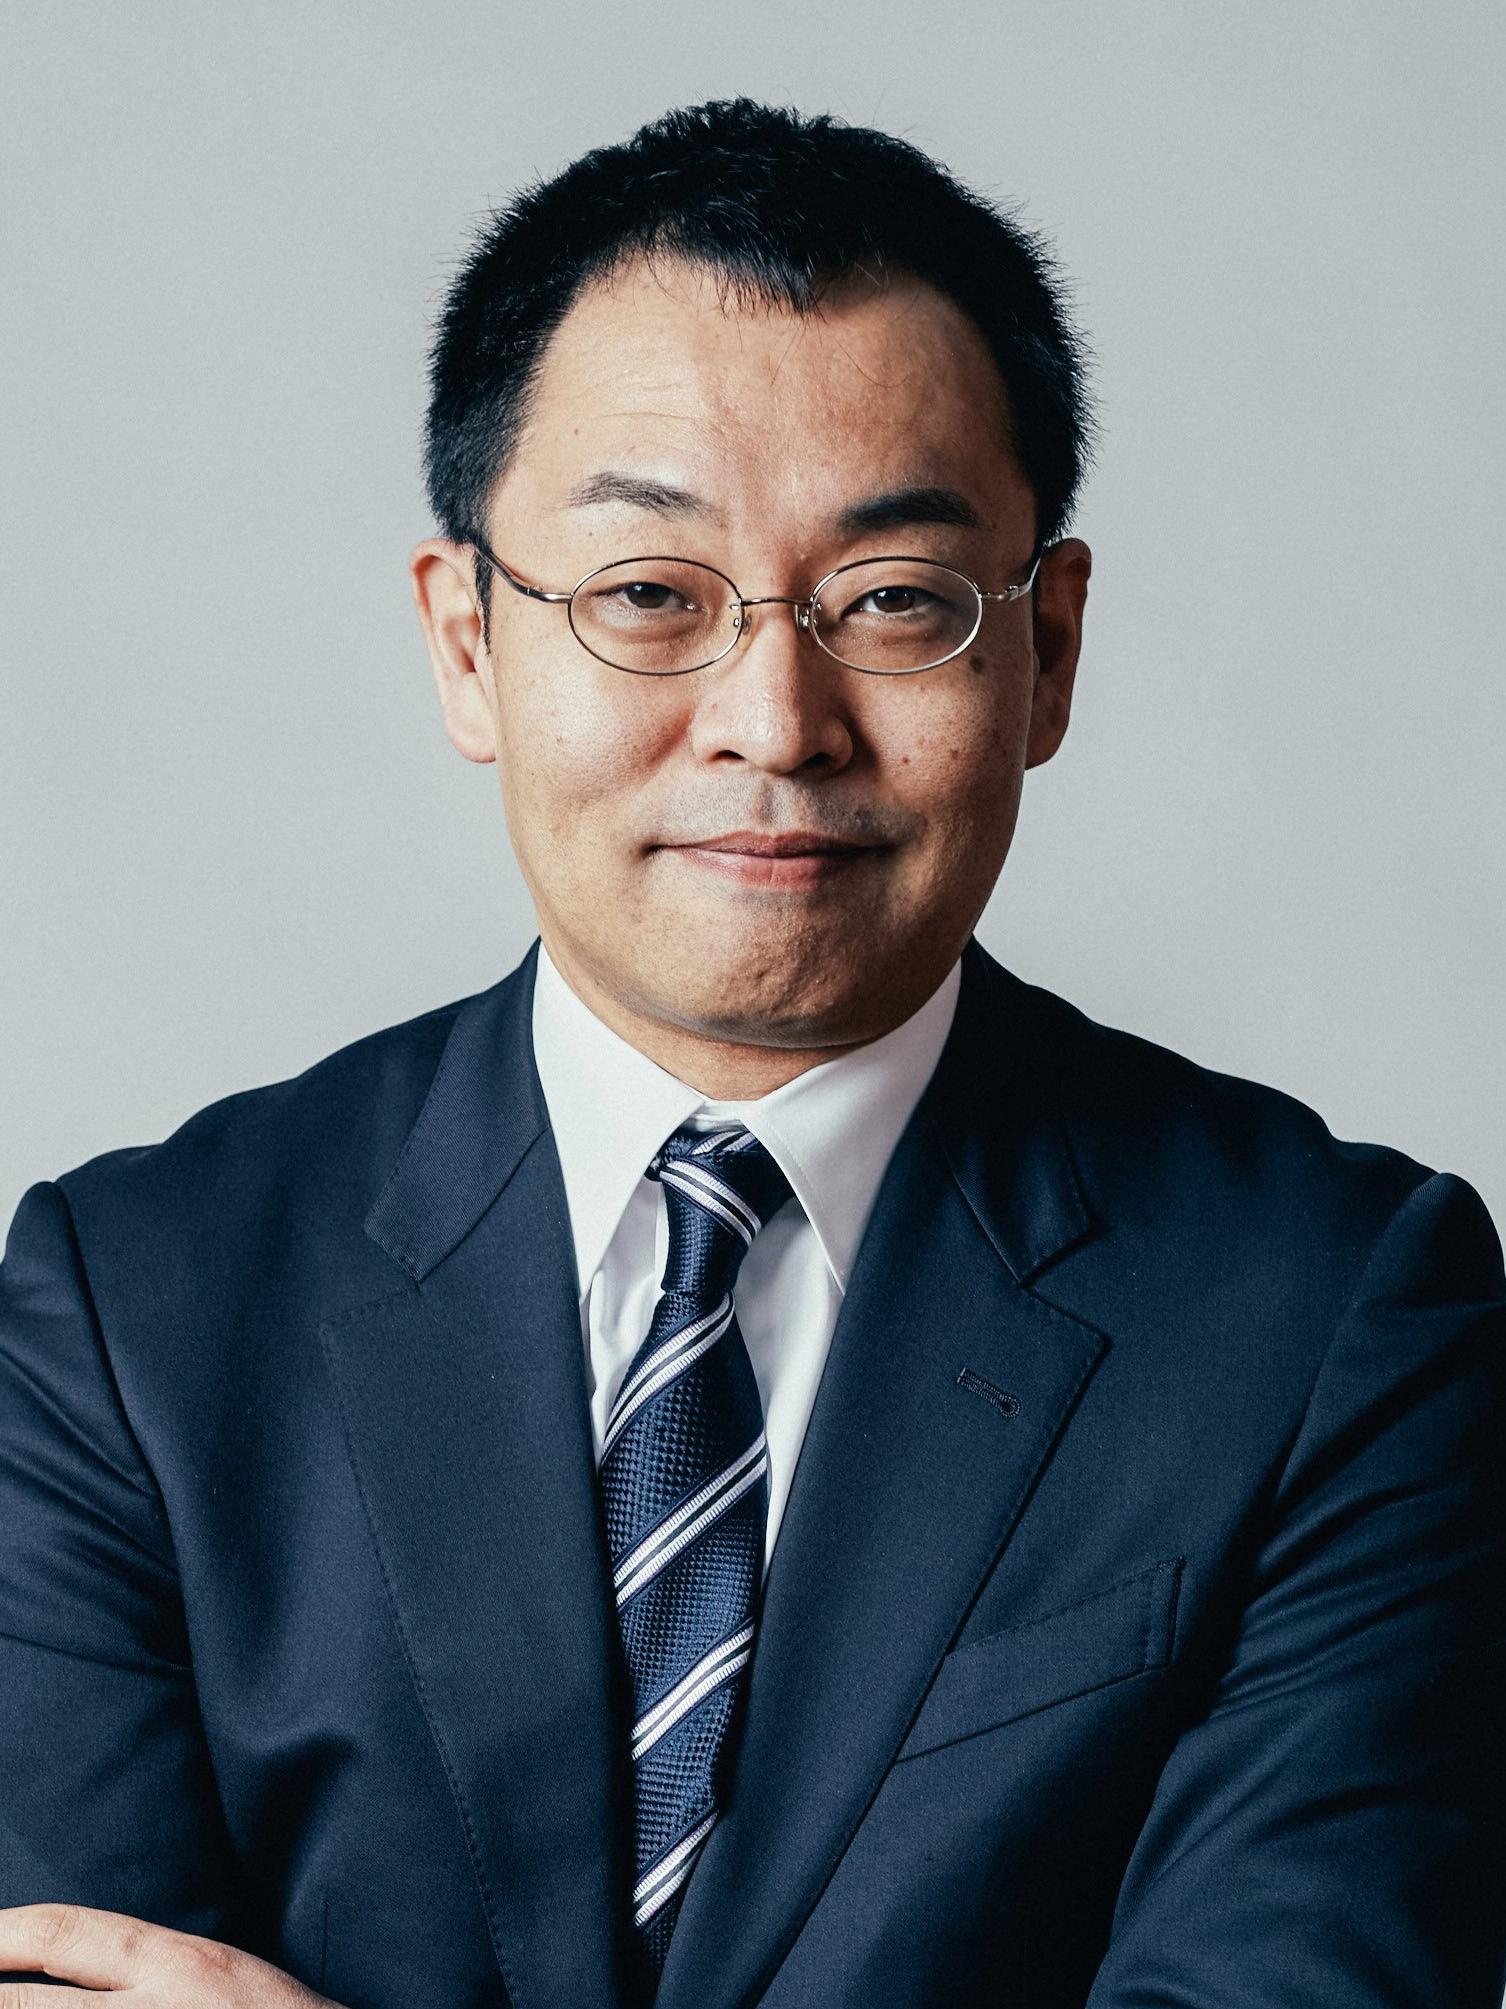 田中 伸(たなか しん)